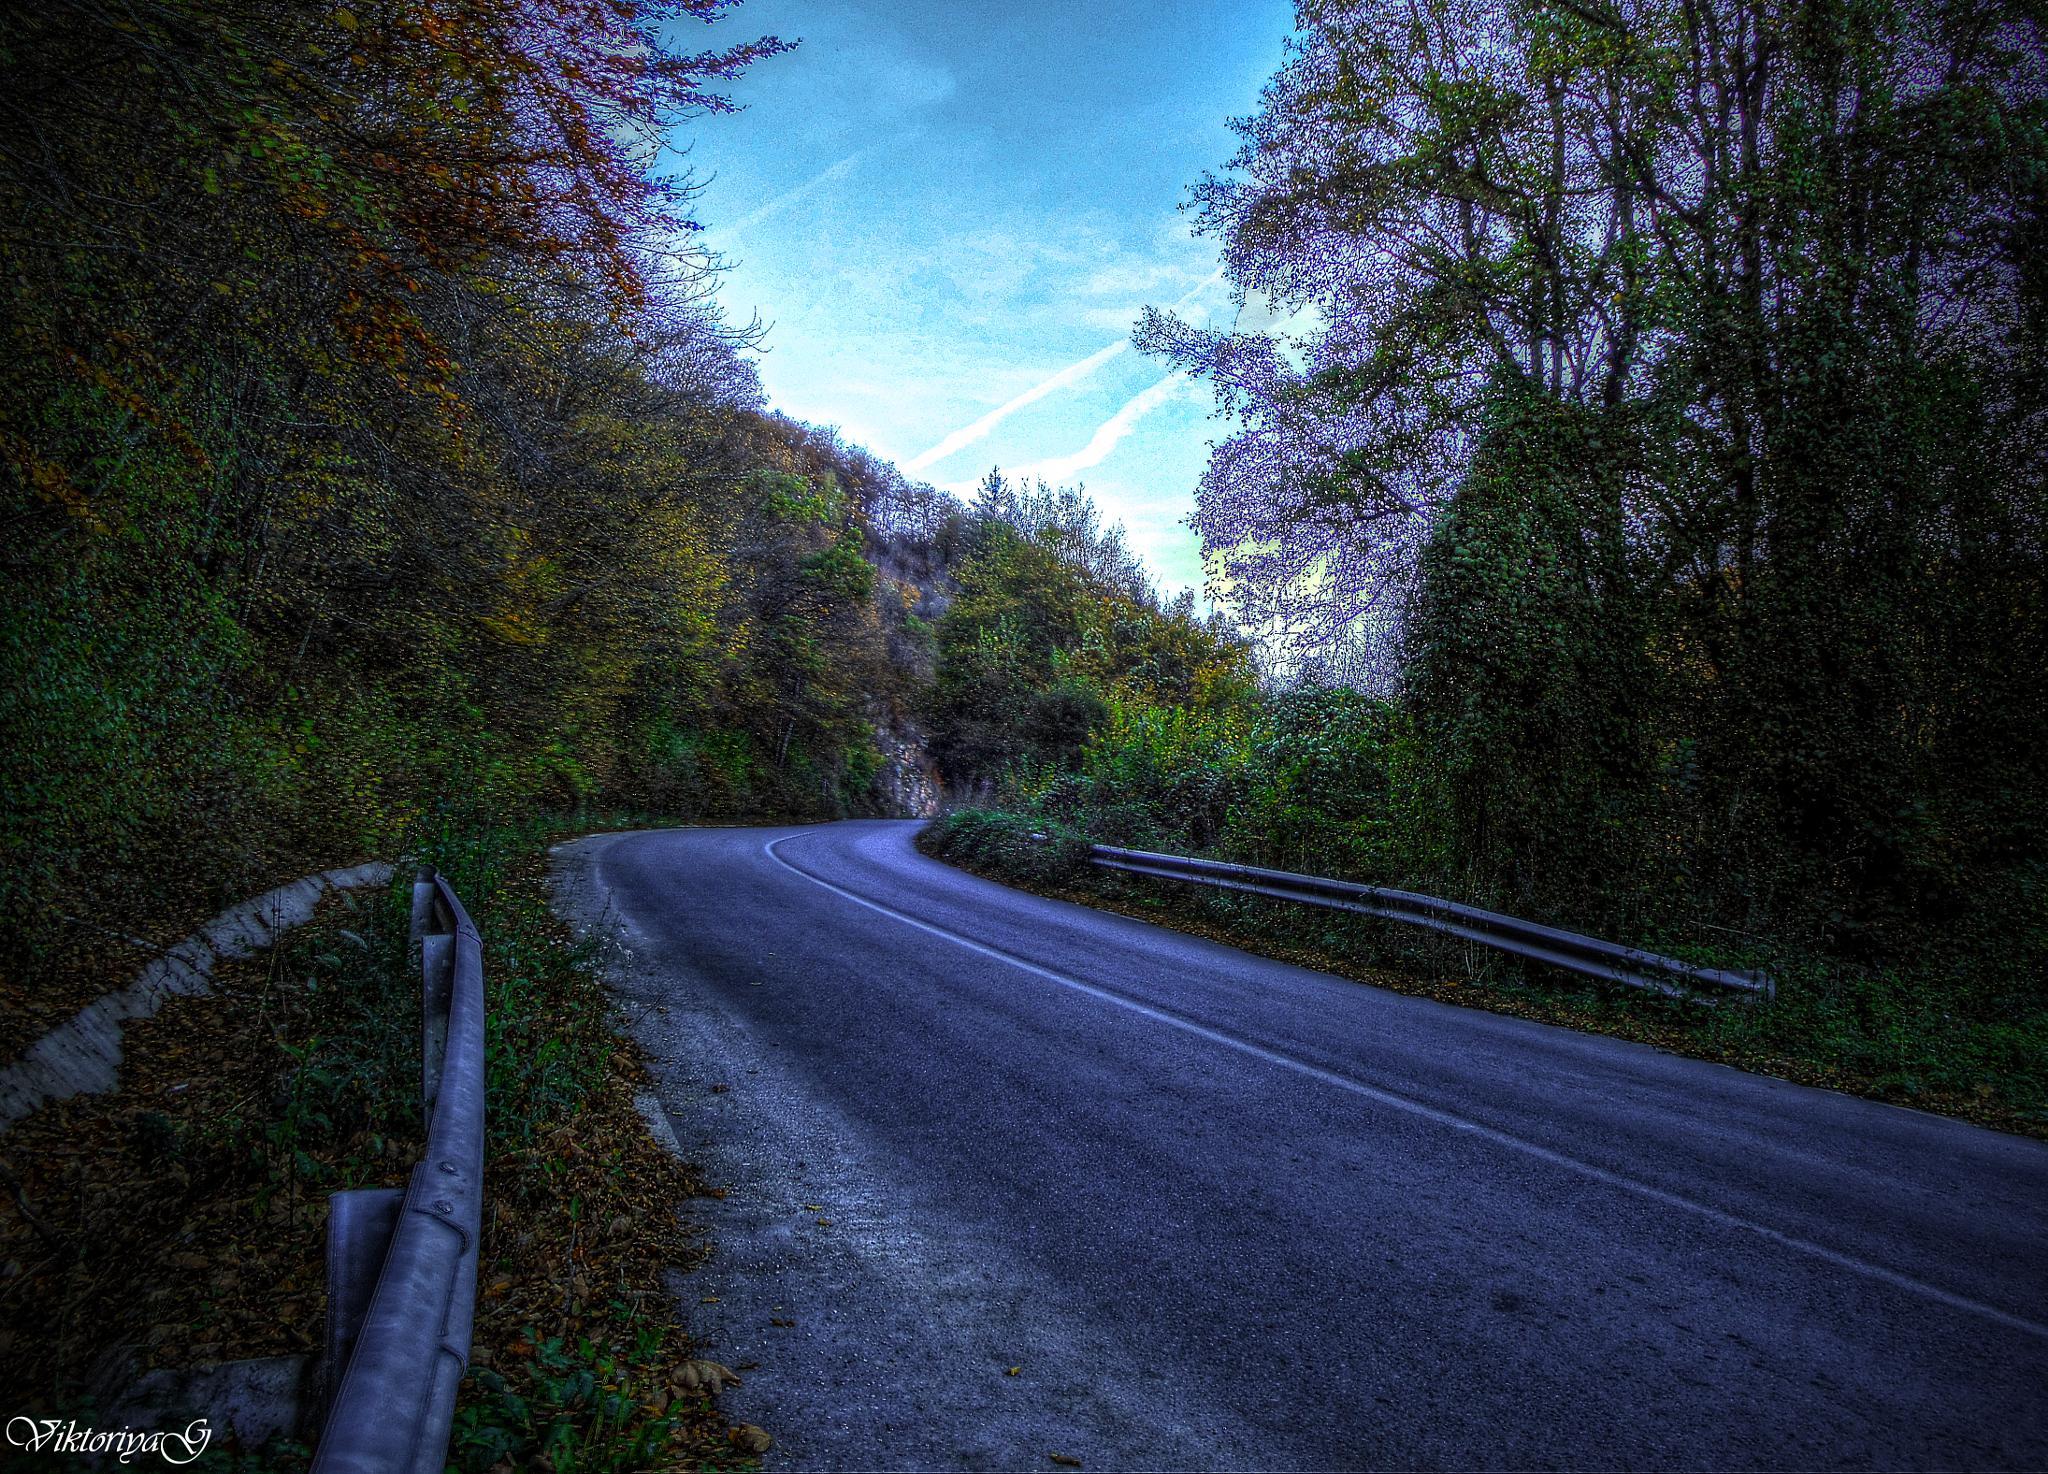 on the road by Viktoriya Georgieva